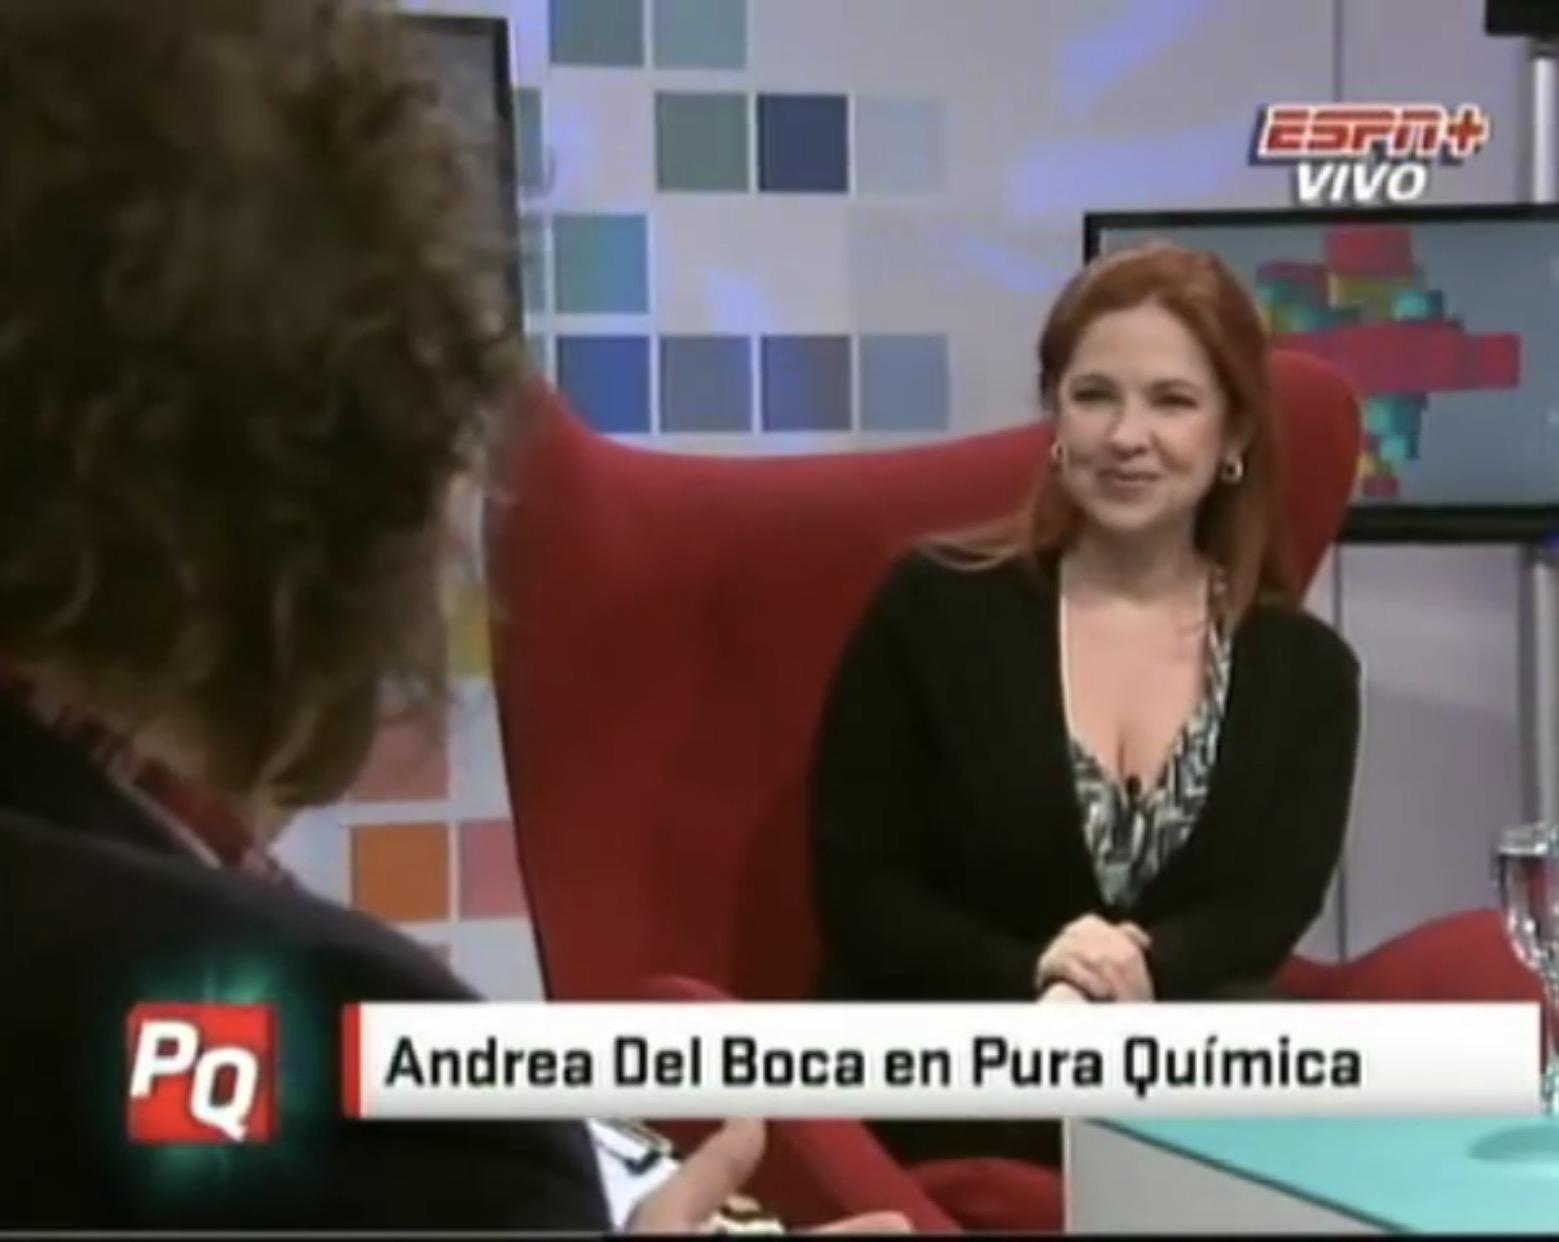 Andrea Del Boca in Pura Química (2010)